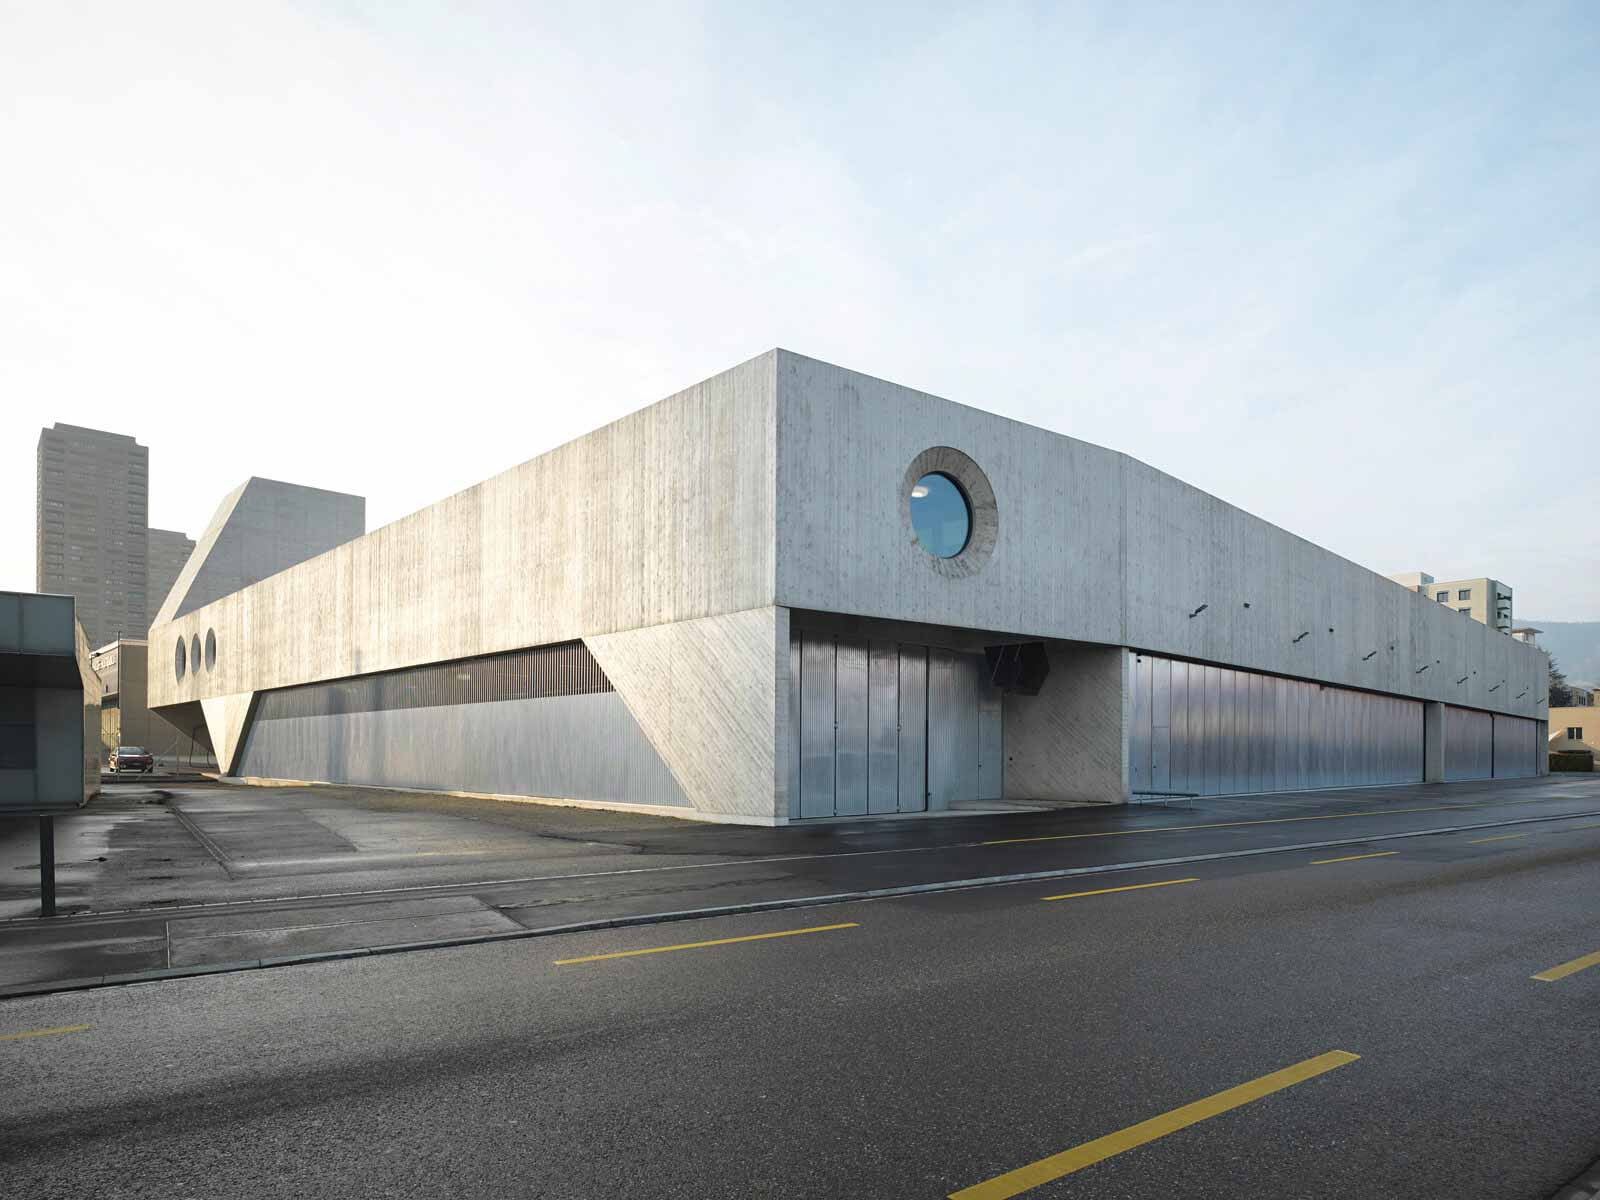 VBZ Busgarage Facility / Pool Architekten